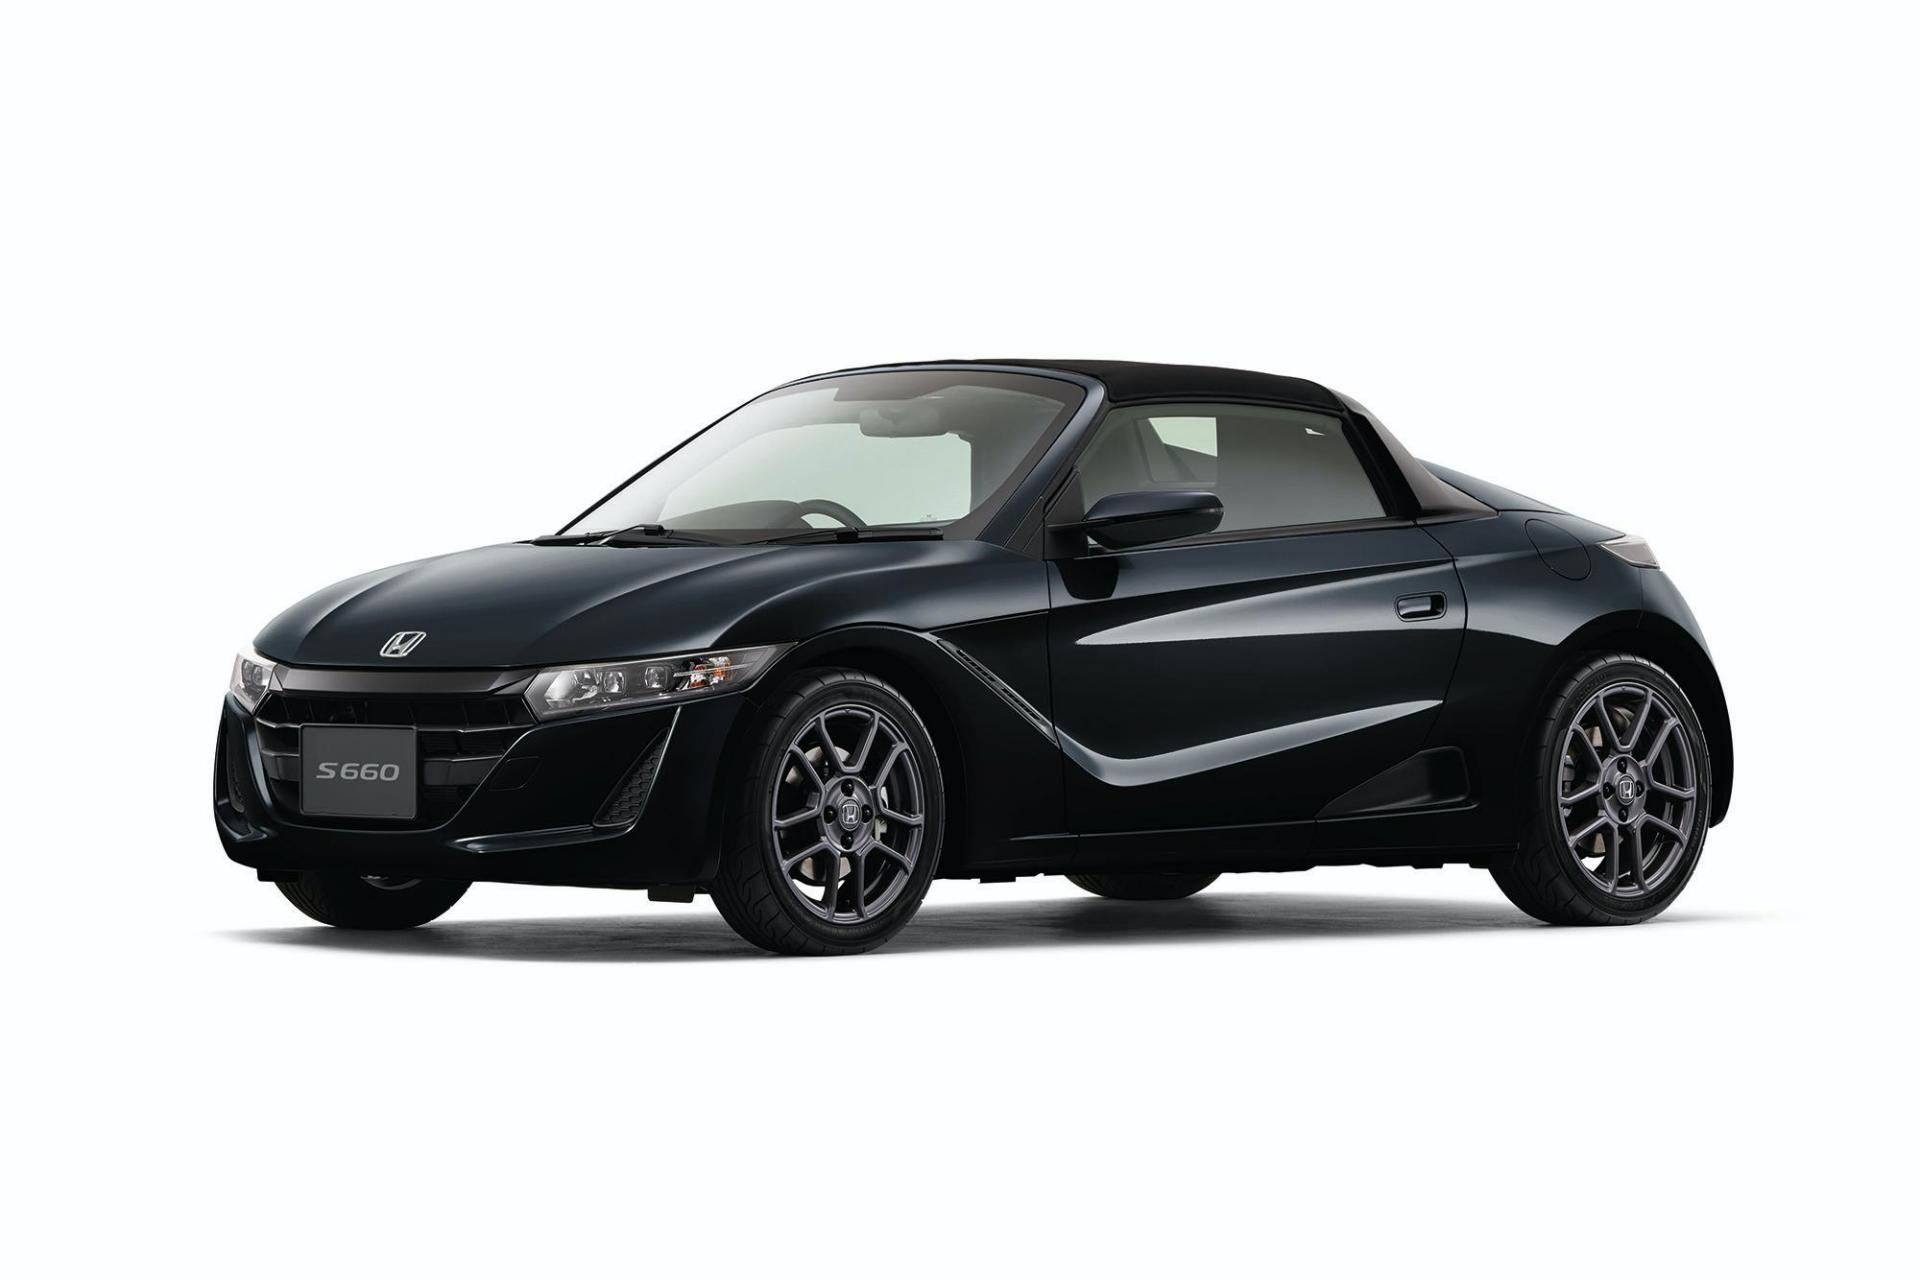 2020_Honda_S660_facelift_0020